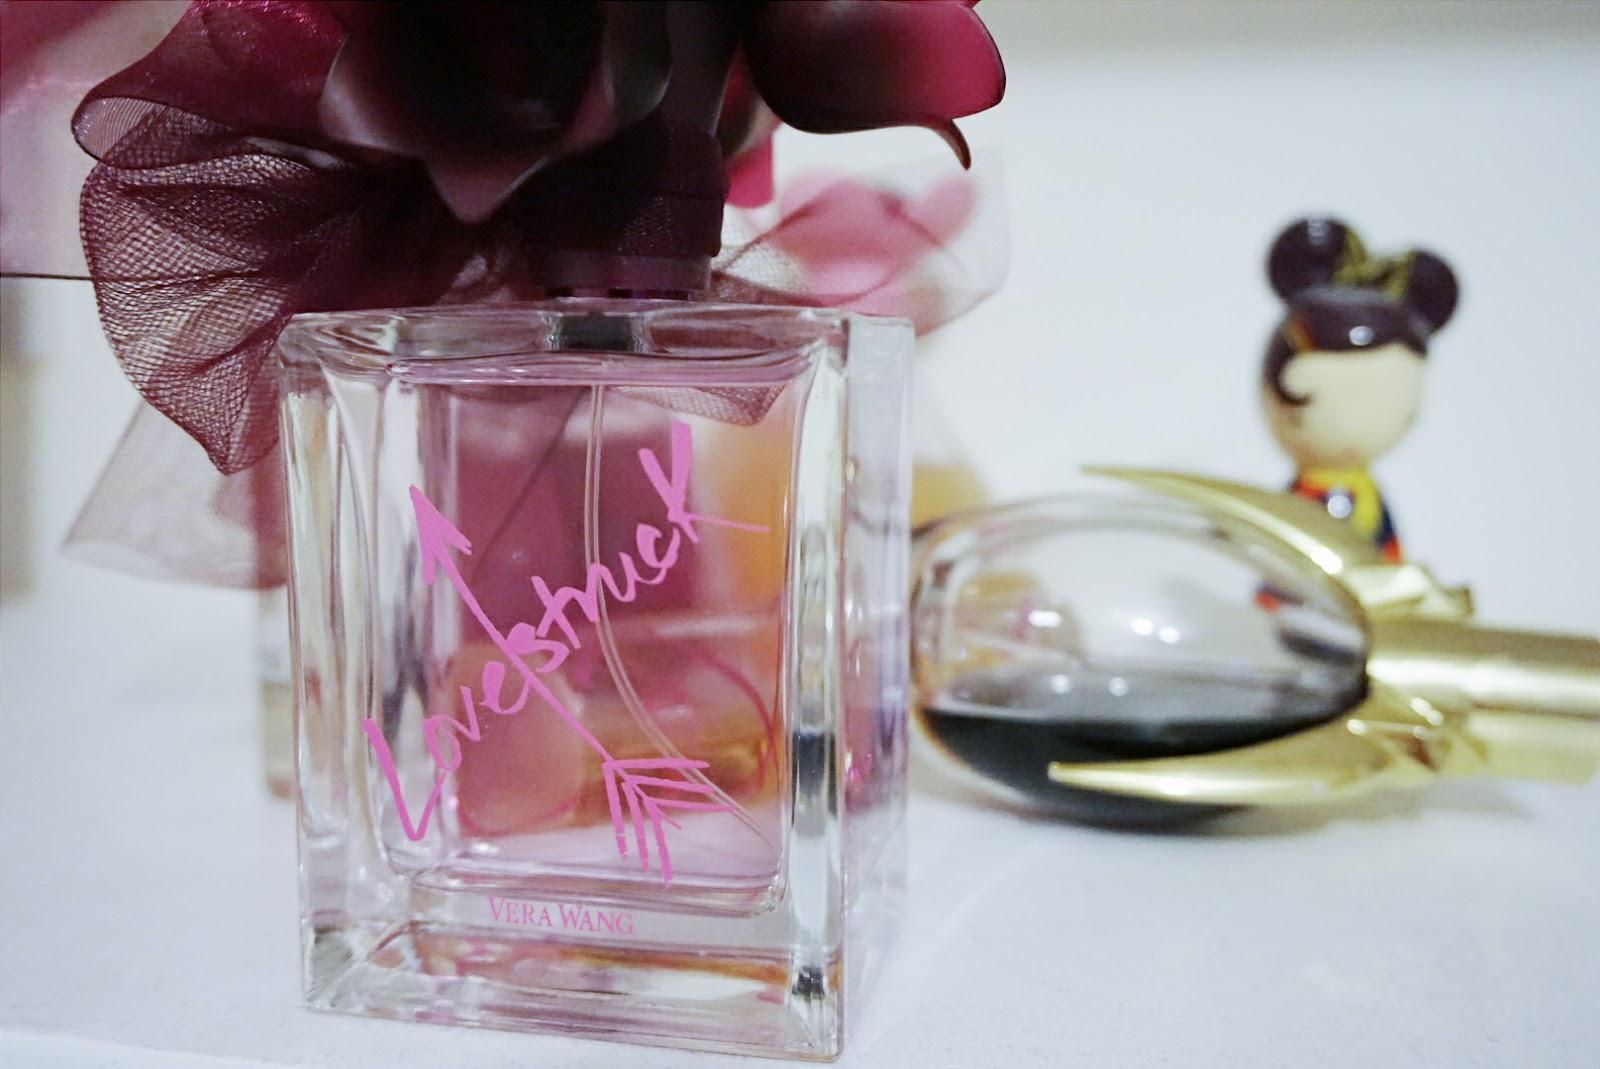 perfume, lovestrucked